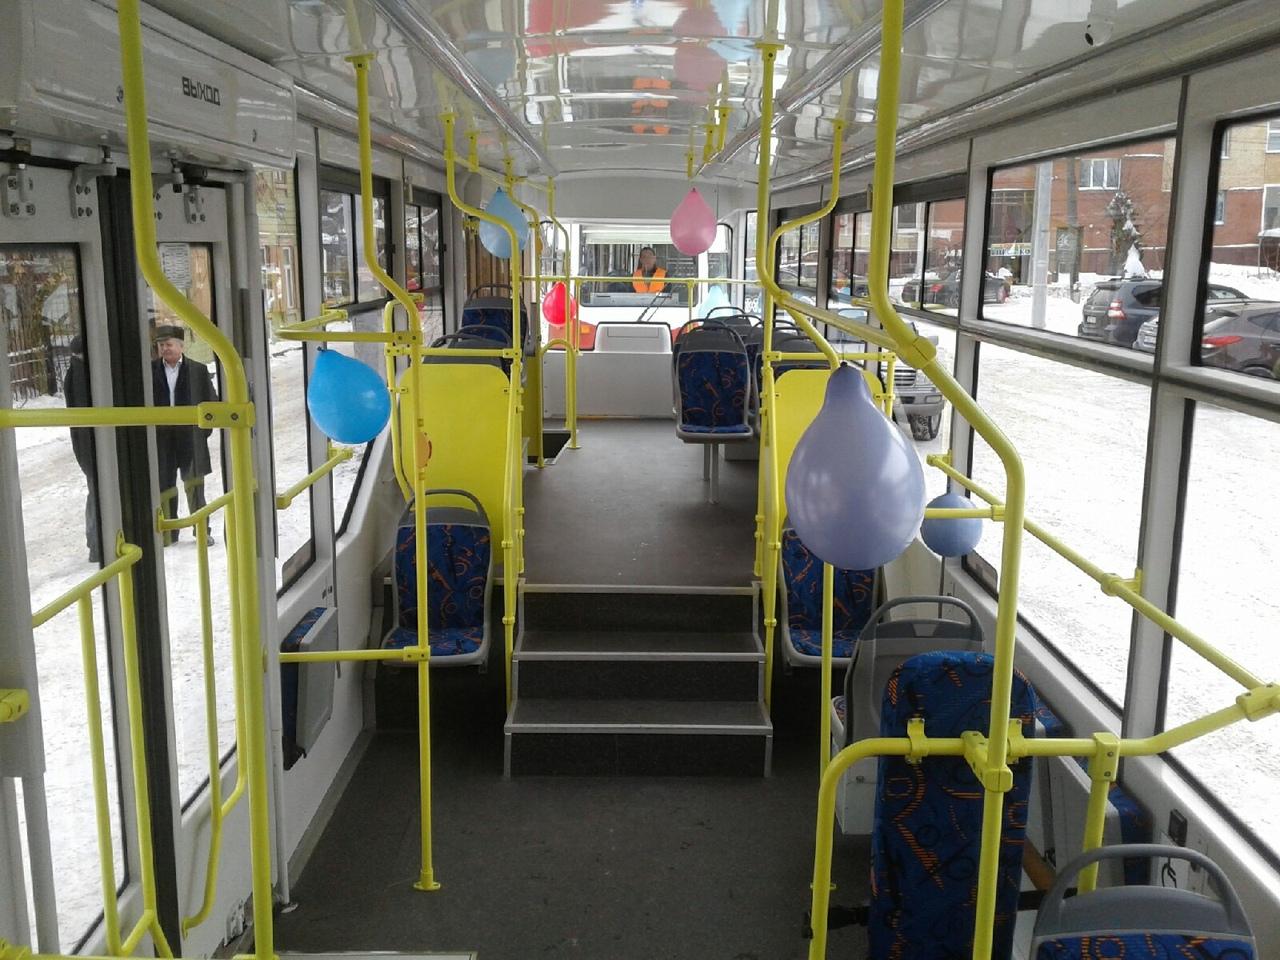 Омских водителей попросили не «опрокидывать» пассажиров #Омск #Общество #Сегодня